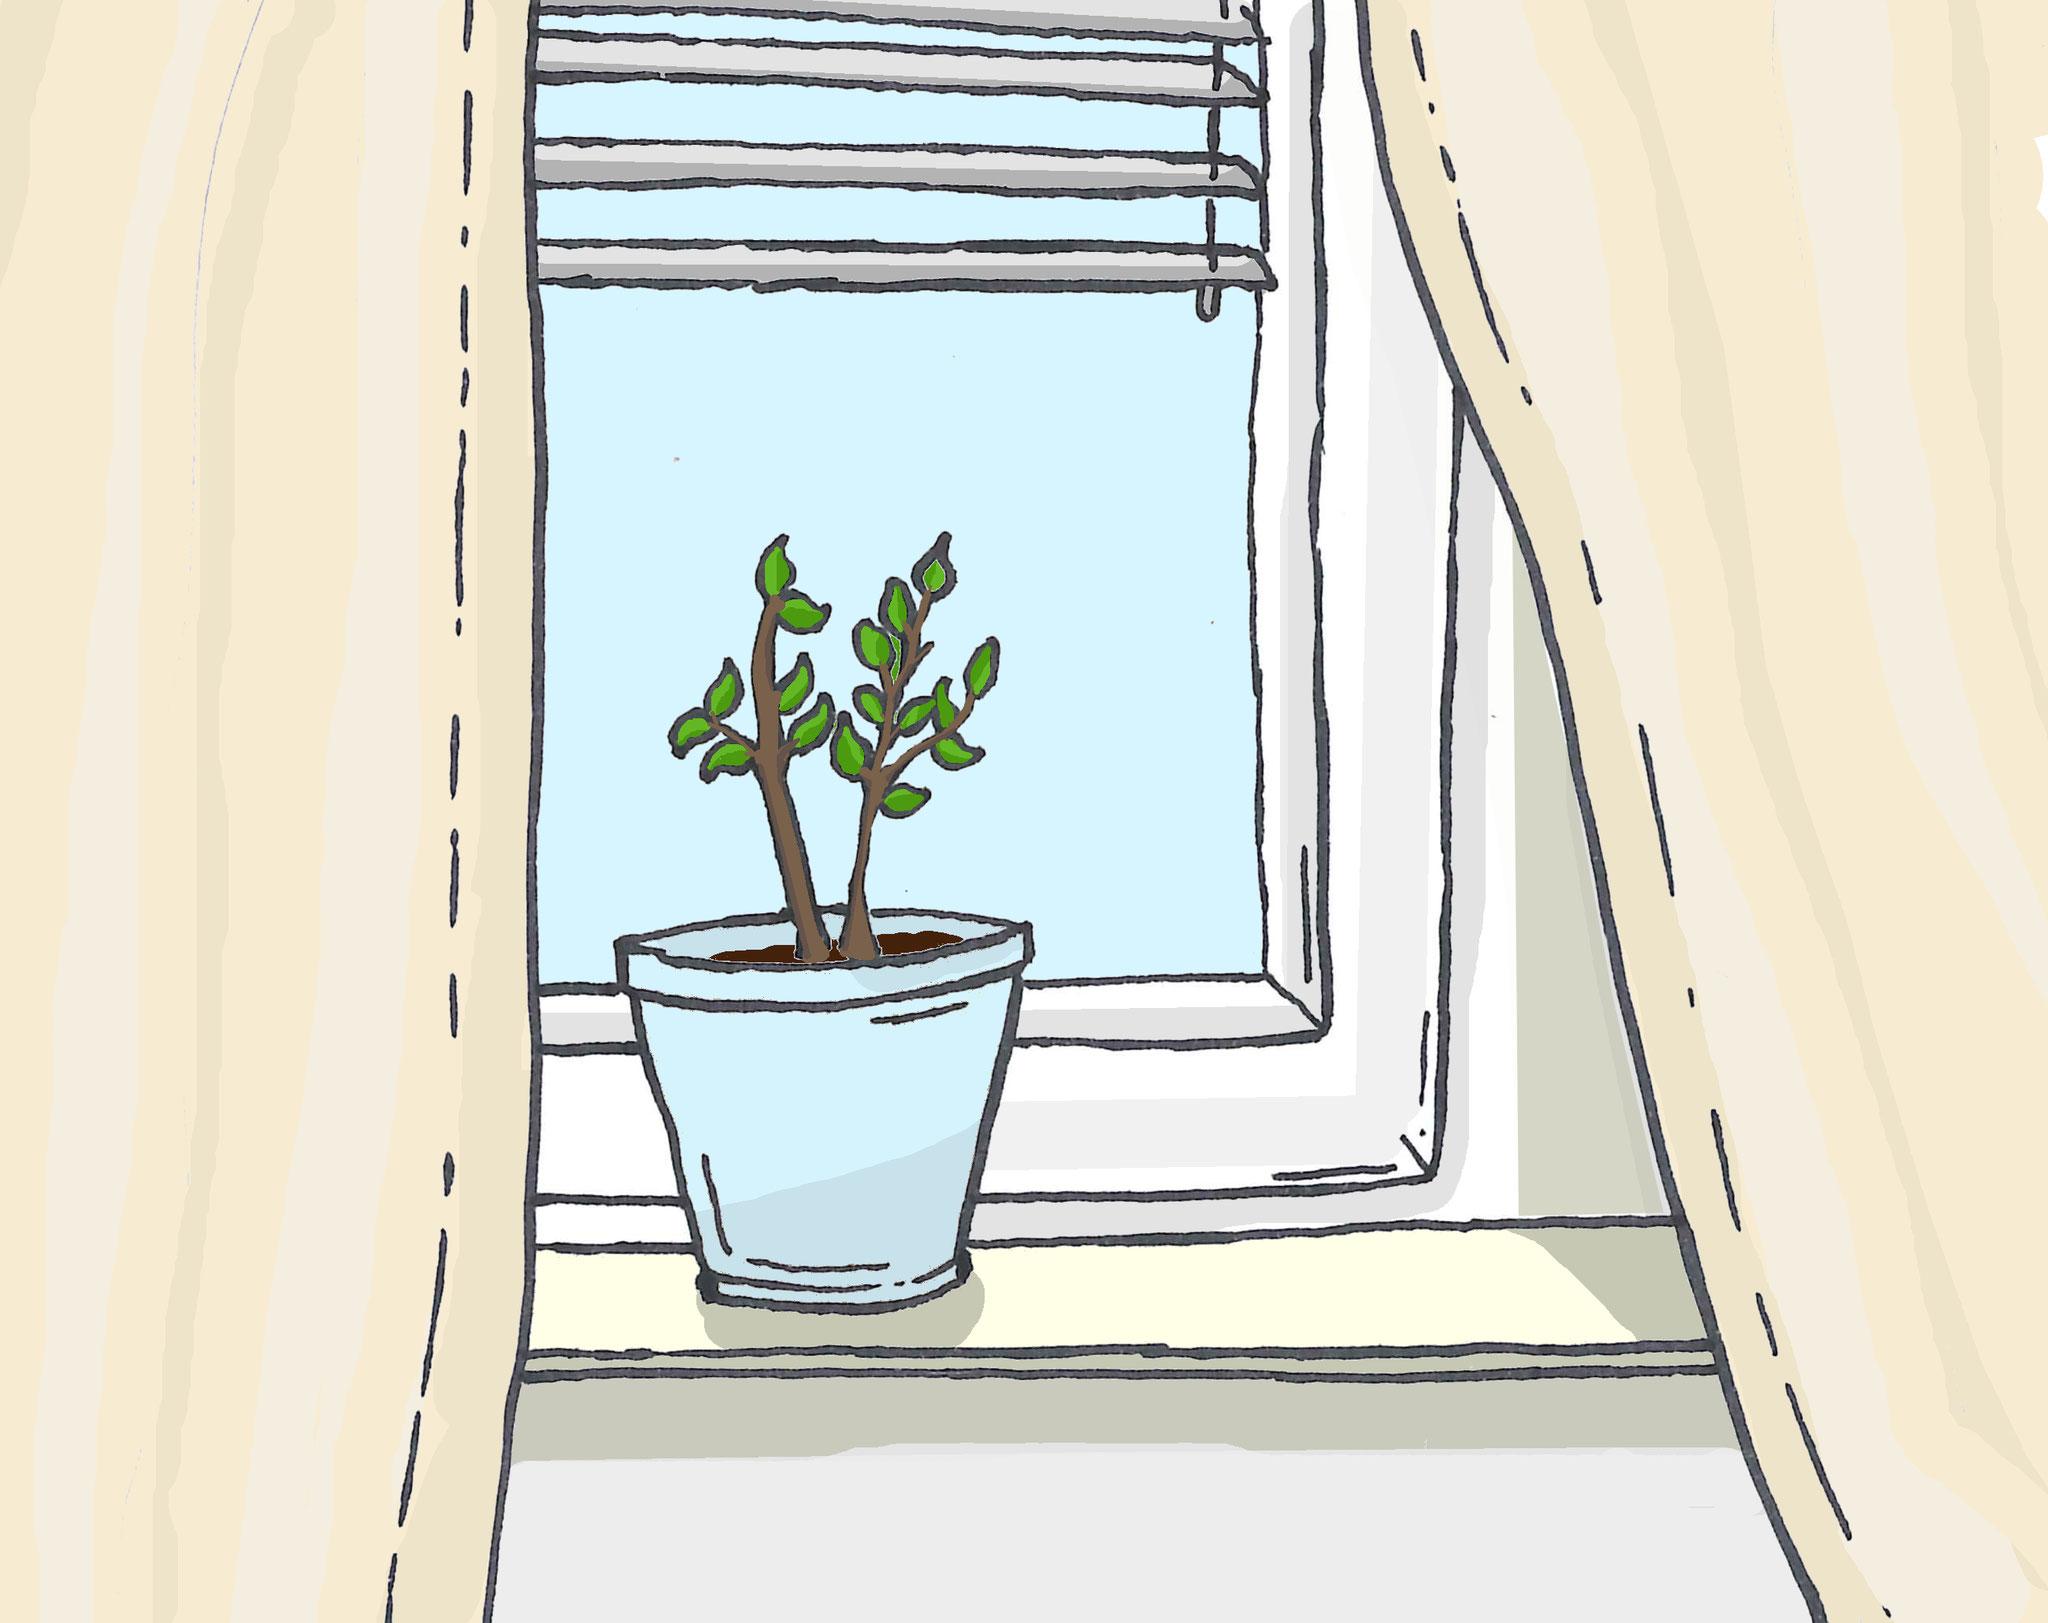 10. Mal zuziehen: Beschattete Fenster kühlen nachhaltiger und ökologischer als Klimaanlagen. Ventilatoren haben keinen kühlenden Effekt. In der Anschaffung sind Markisen und Rollläden nicht nur  billiger, sondern auch rentabler.